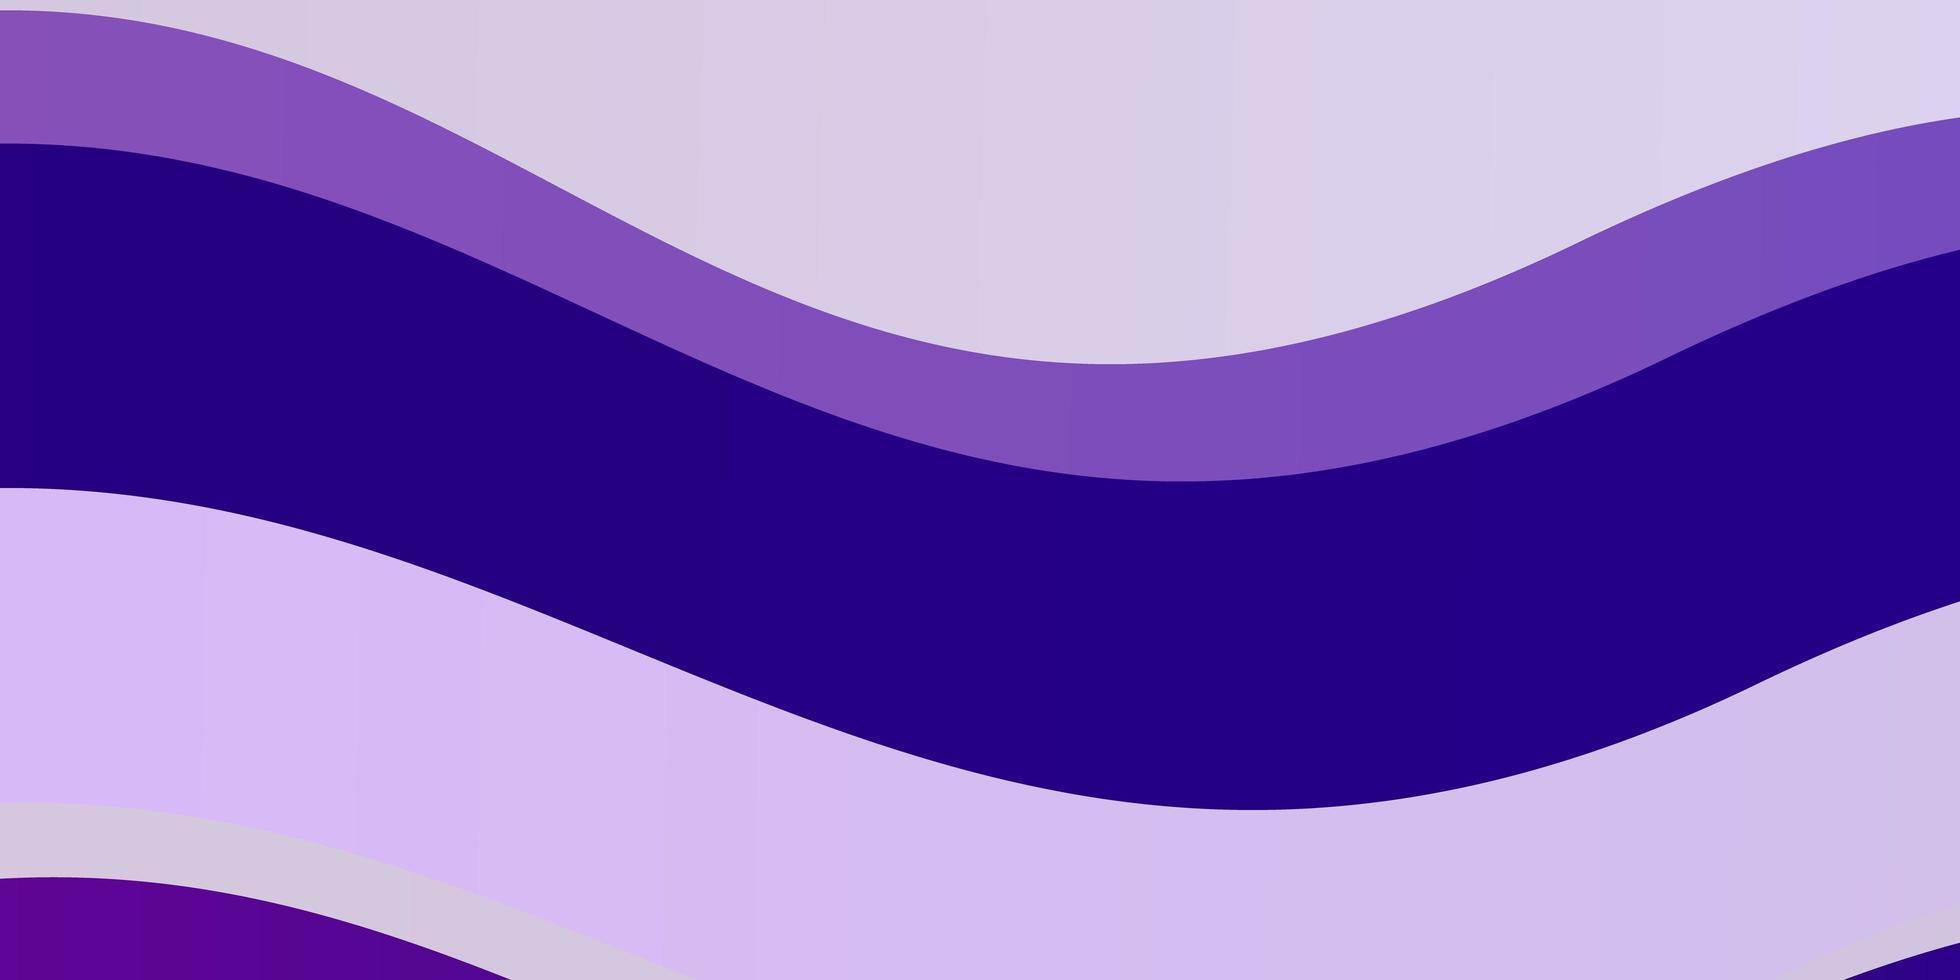 sfondo vettoriale viola chiaro, rosa con fiocchi.